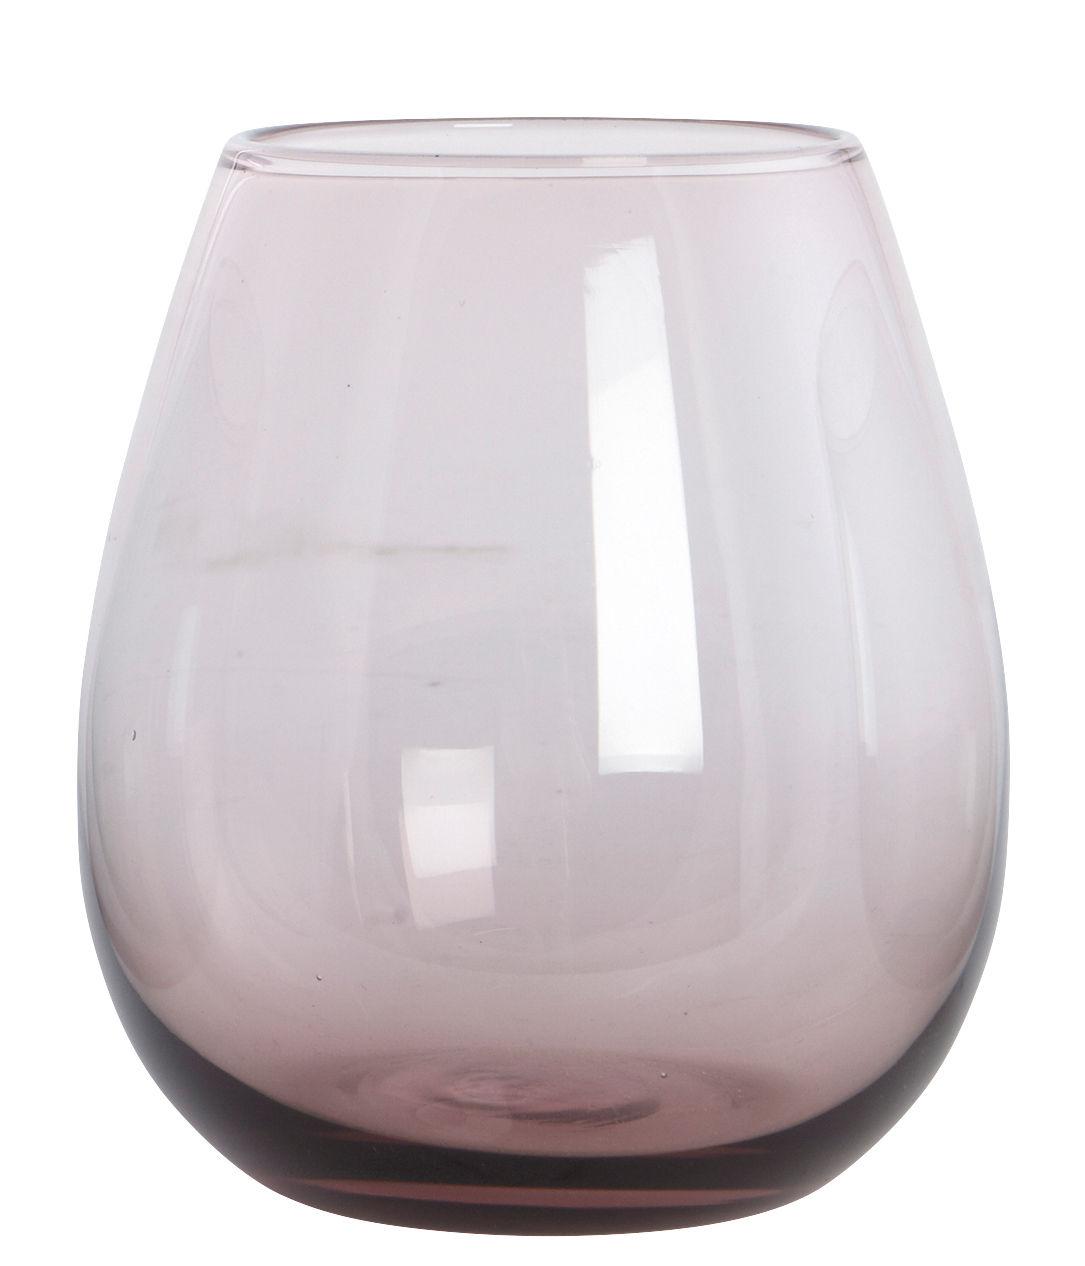 Tavola - Bicchieri  - Bicchiere da acqua Ball - /H 10 cm di House Doctor - Viola chiaro - Vetro soffiato a bocca